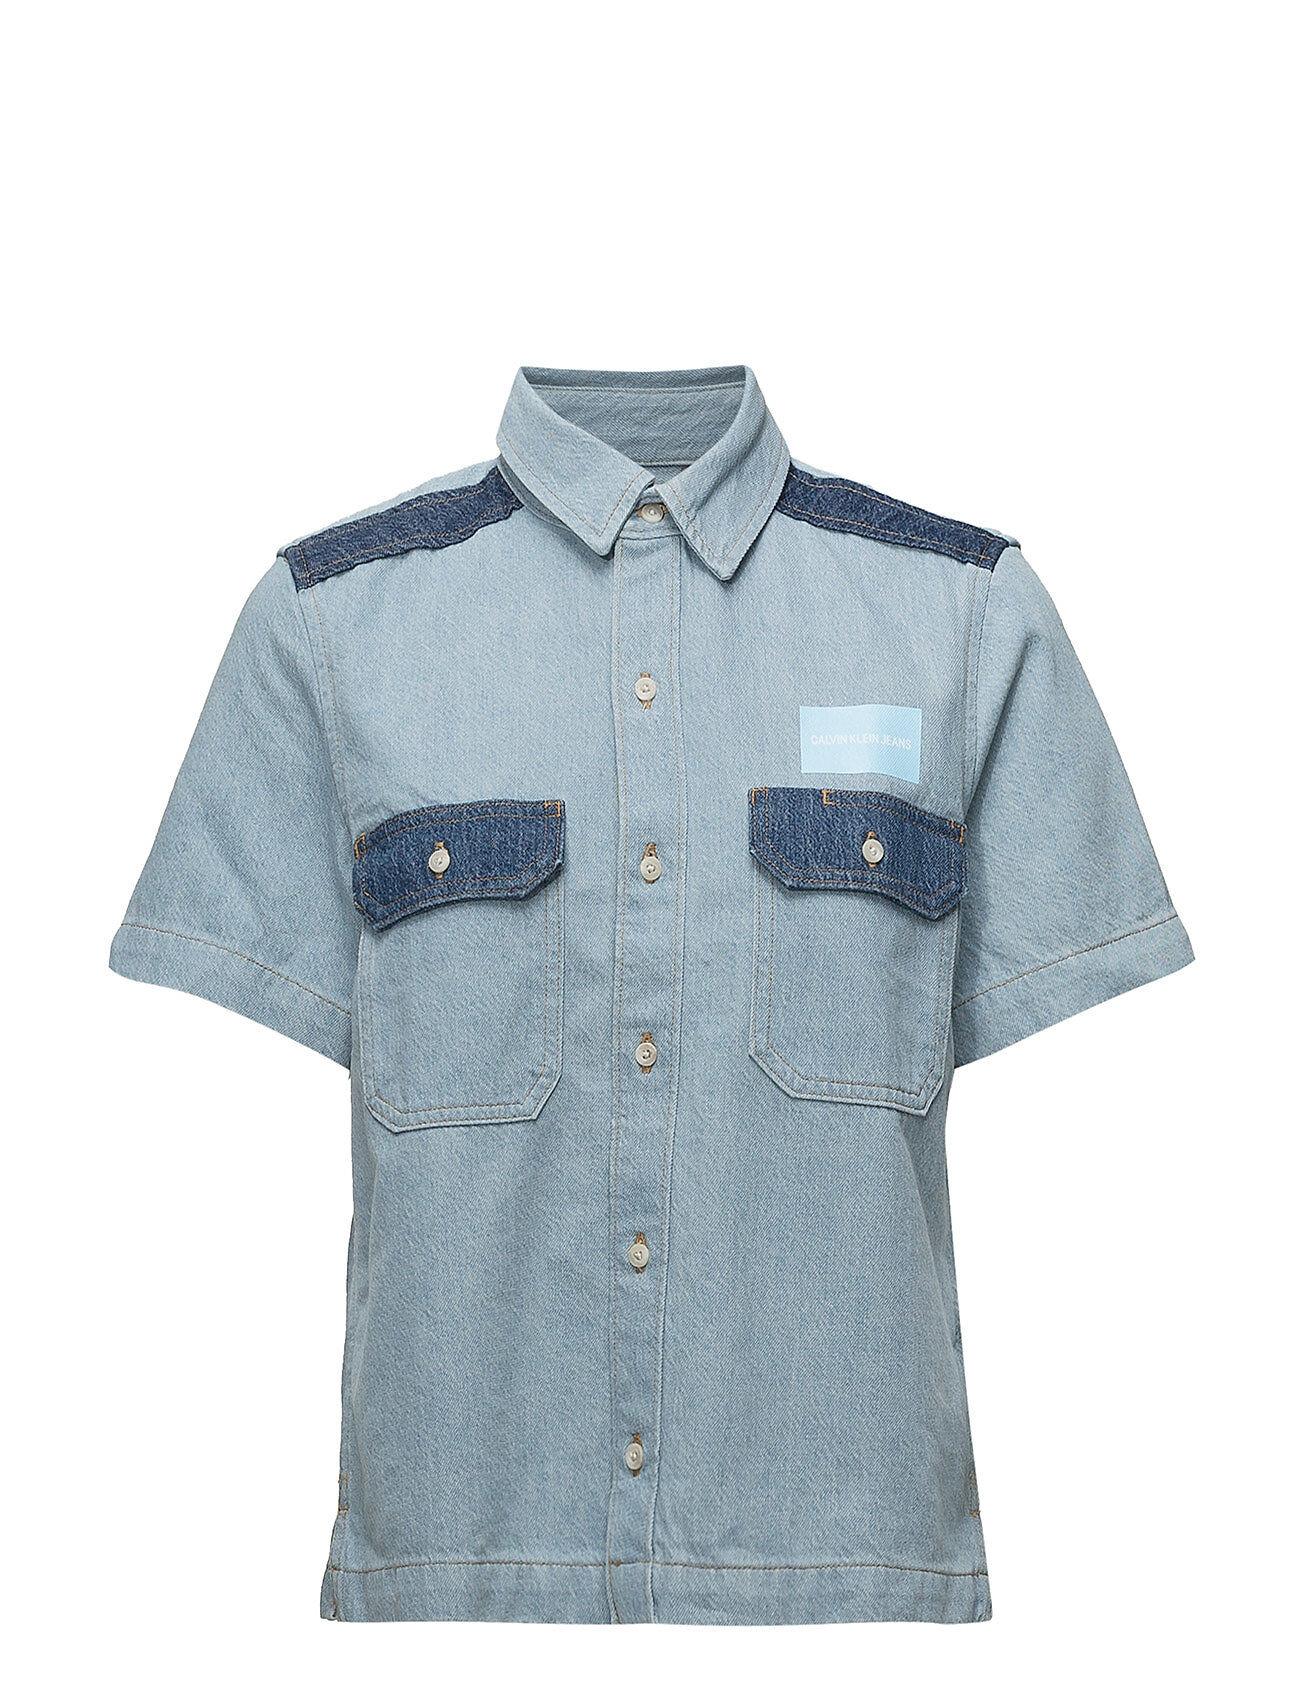 Image of Calvin Ss Boxy Shirt Blocke Lyhythihainen Paita Sininen Calvin Klein Jeans